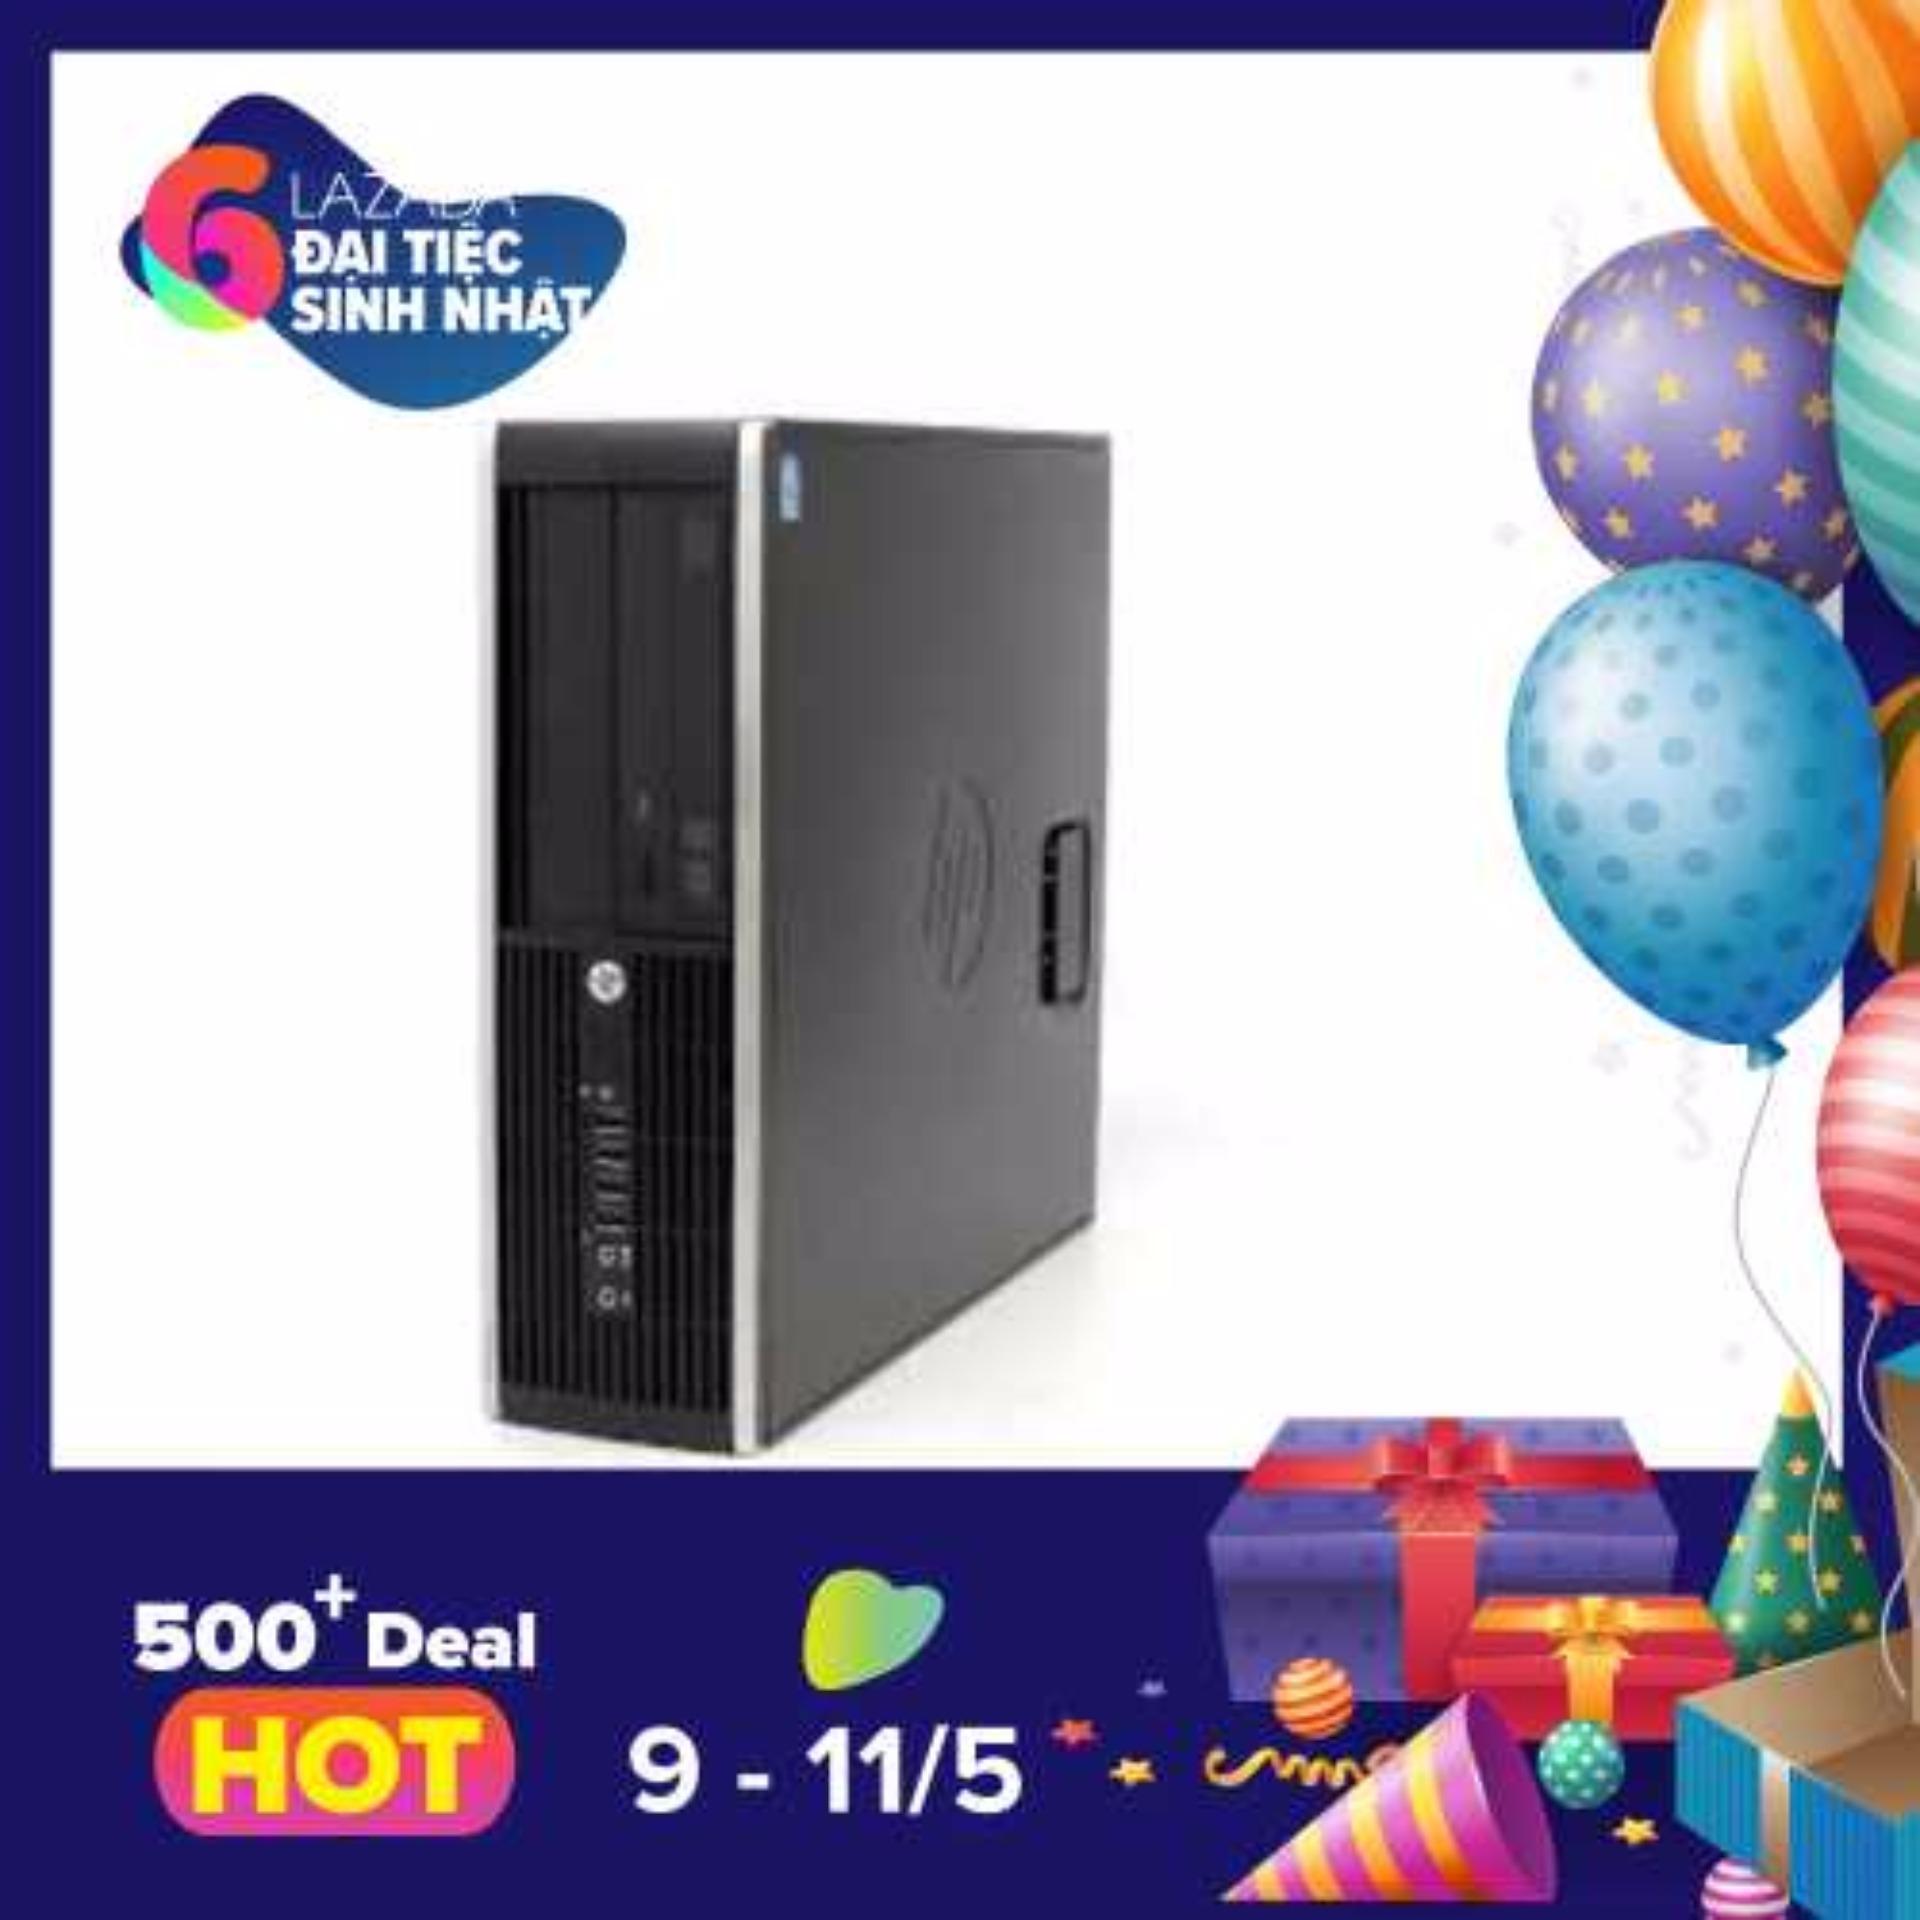 Mua May Tinh Đồng Bộ Hp Compaq 6200 Core I3 Ram 4Gb Hdd 250Gb